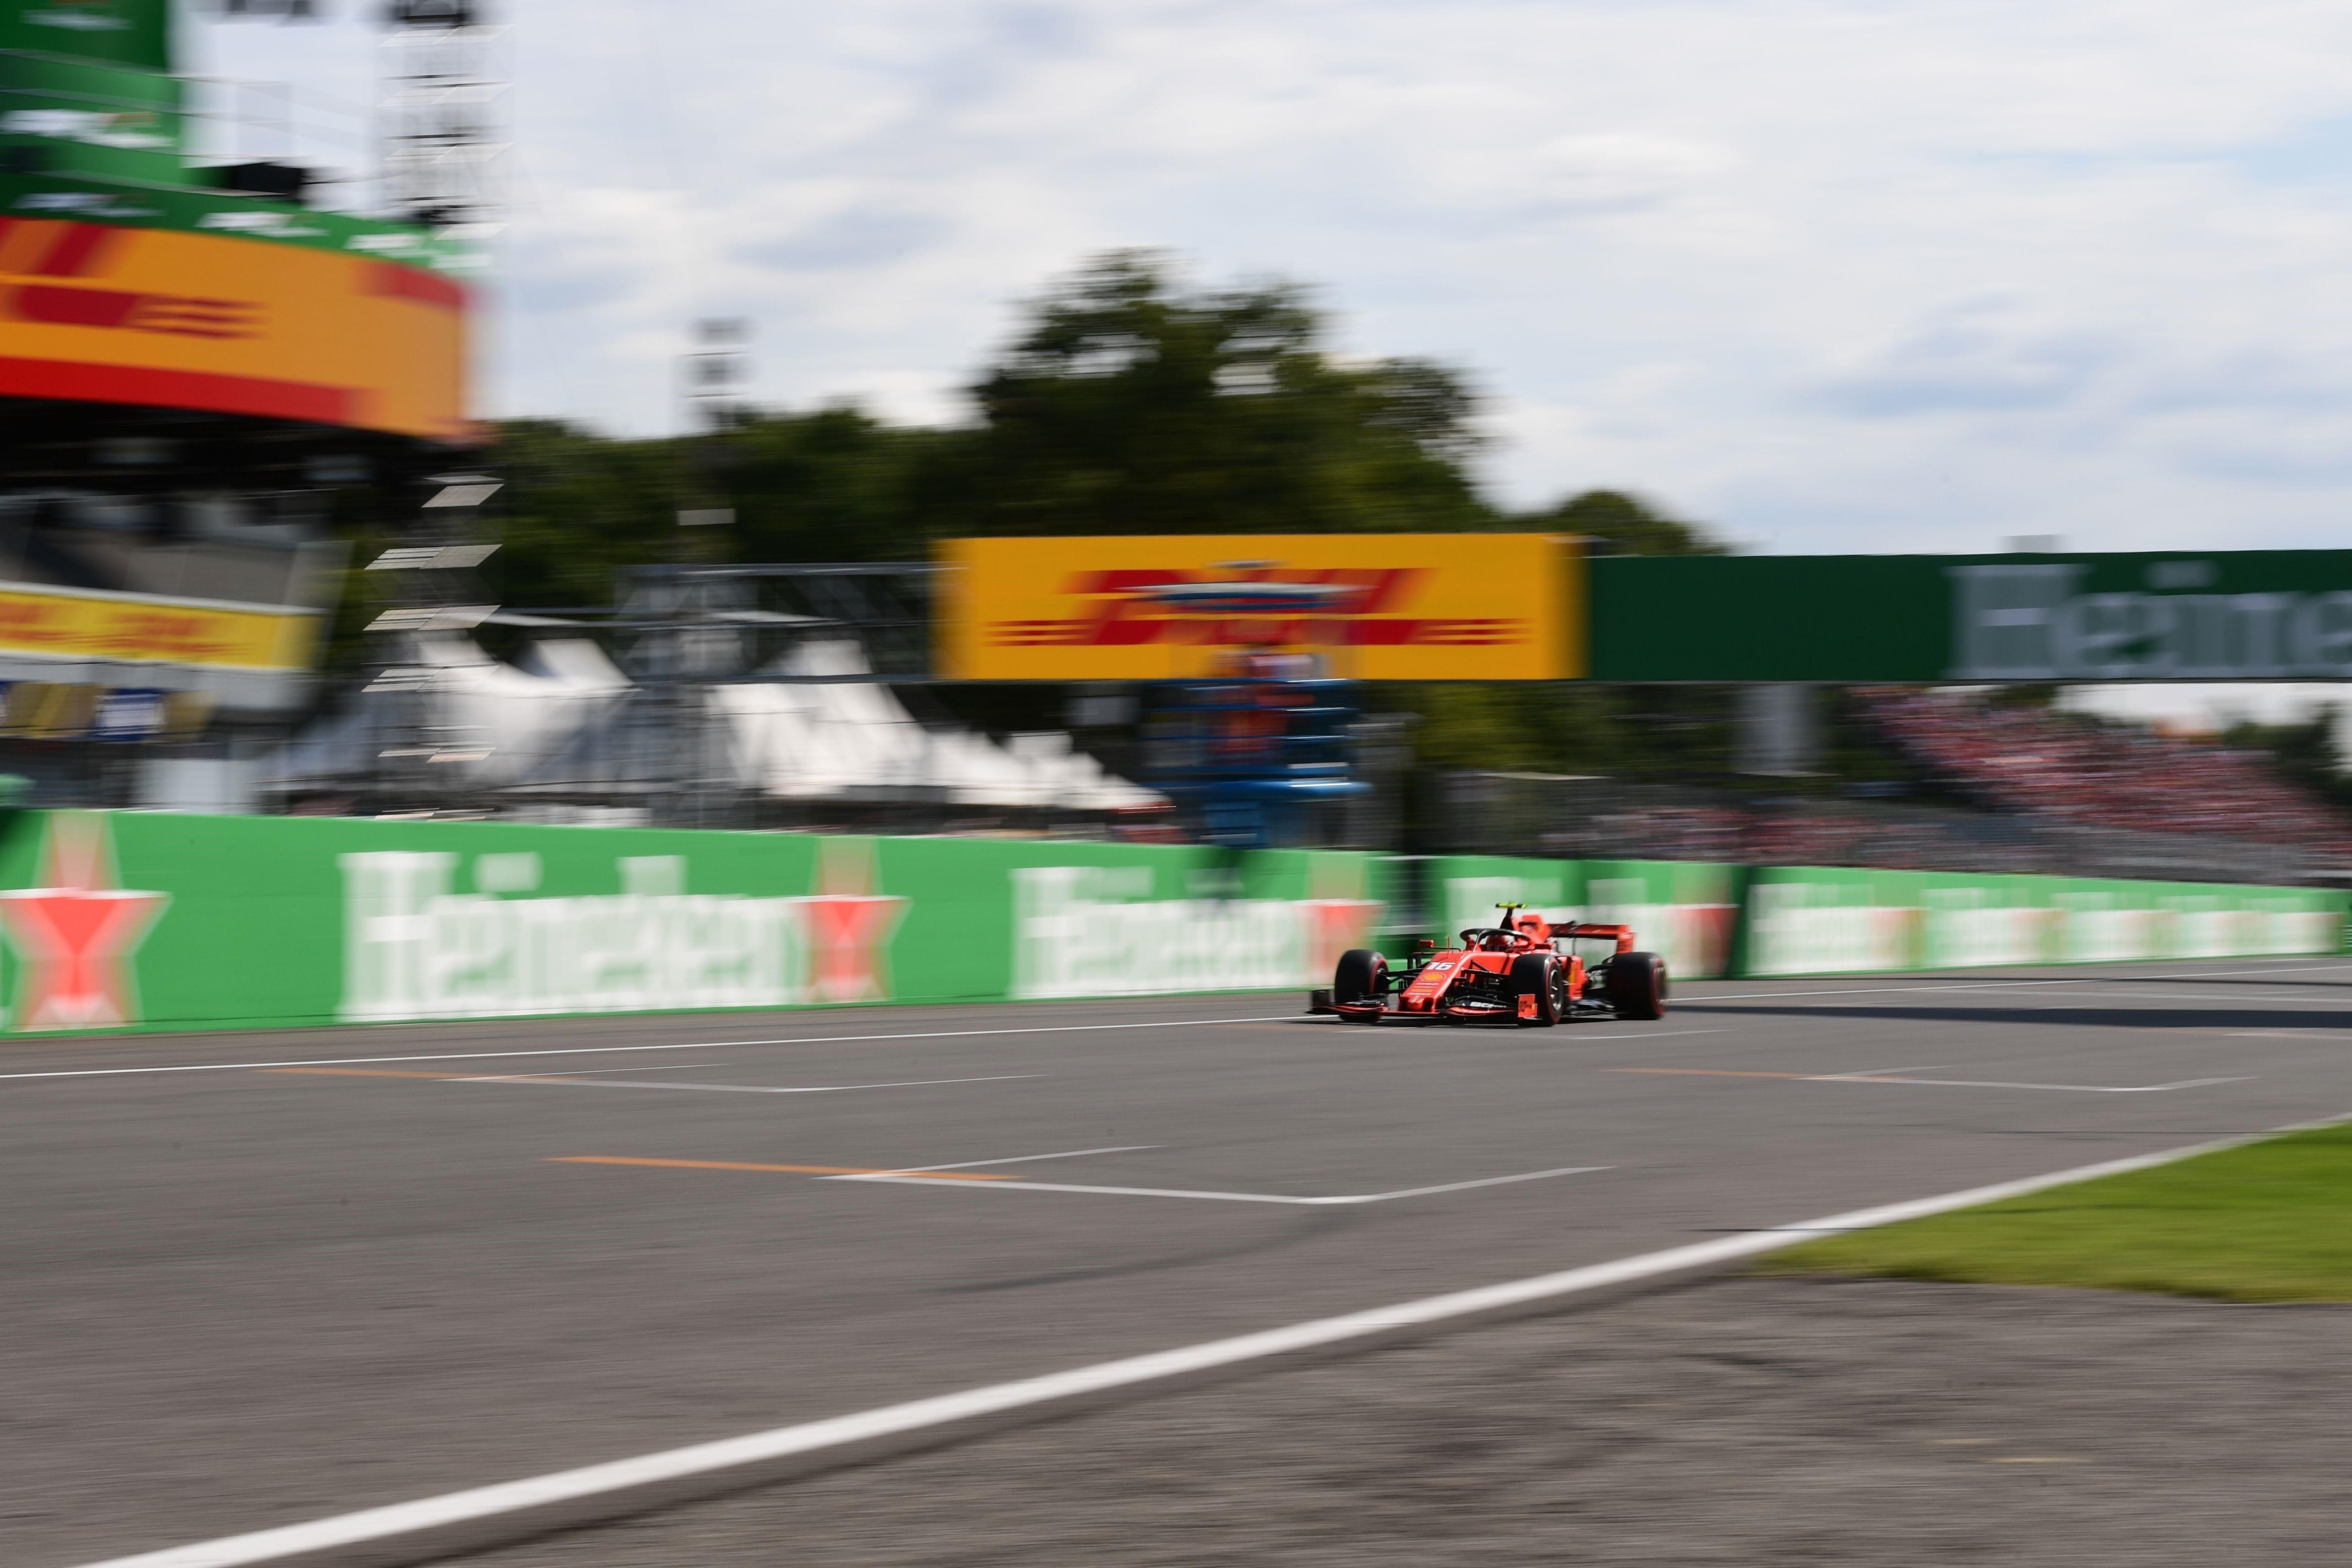 Charles Leclerc (Ferrari) au Grand Prix d'Italie 2019